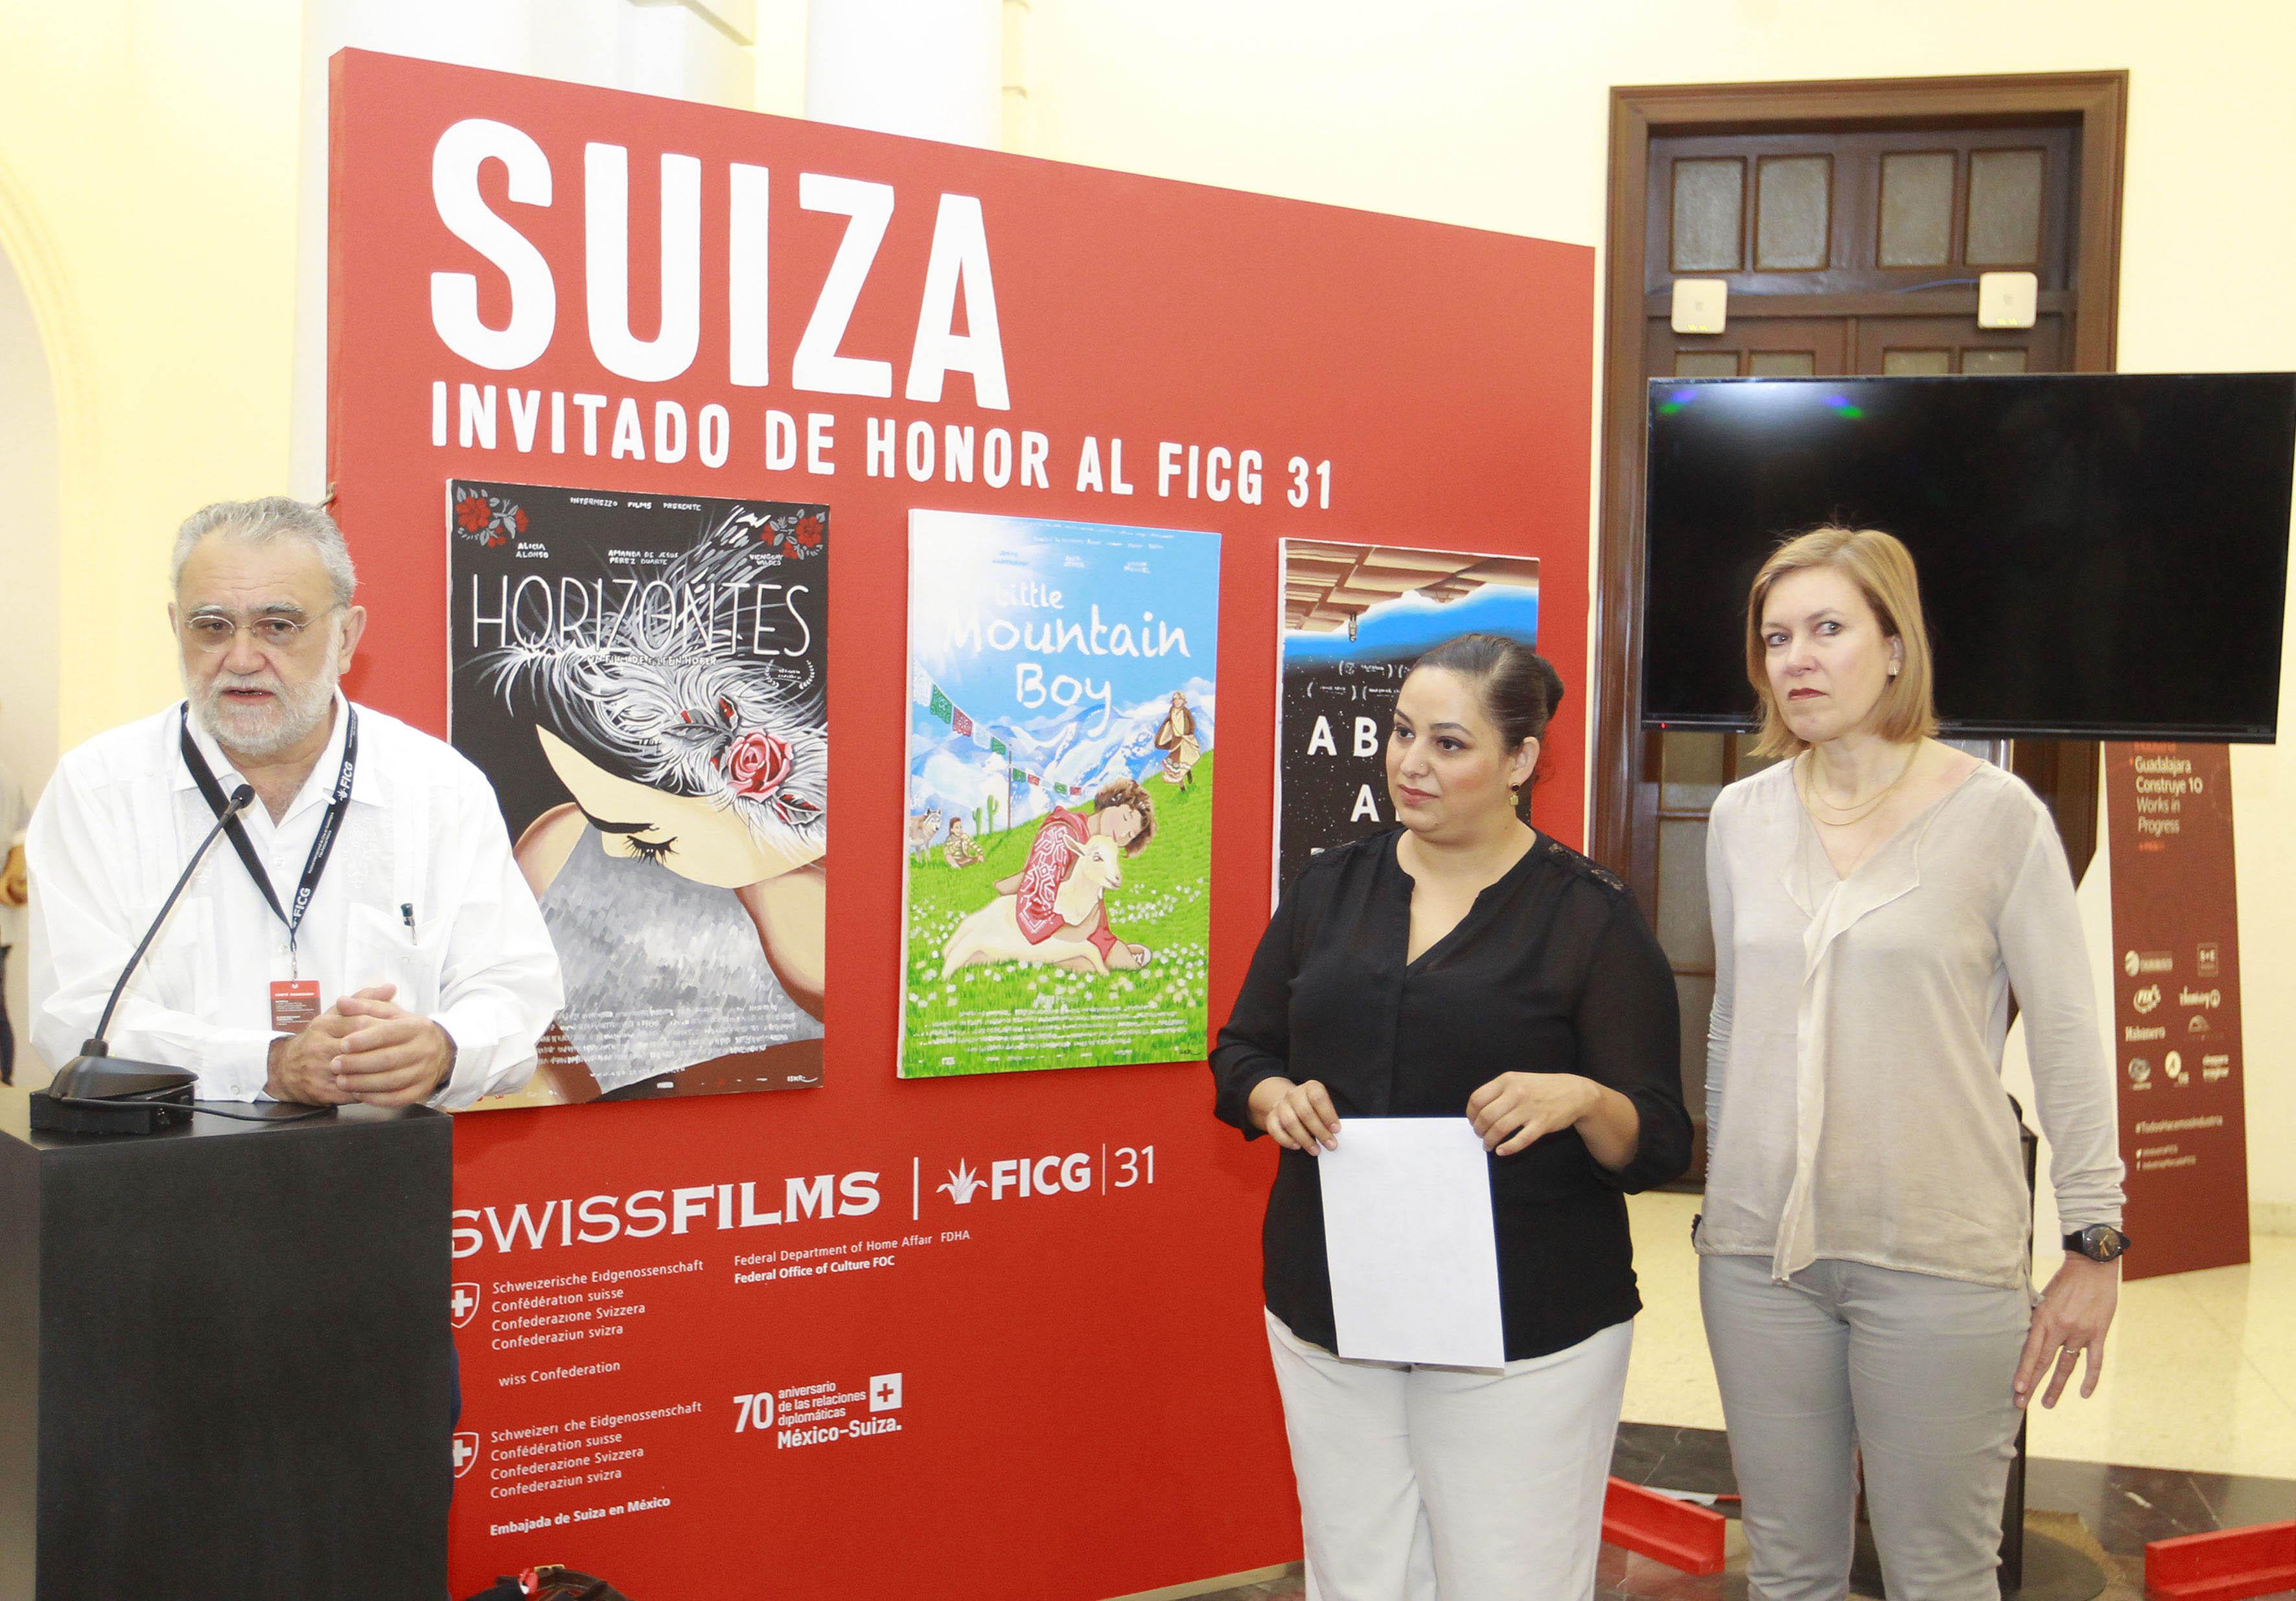 El director del FICG, biólogo Iván Trujillo  haciendo uso de la palabra